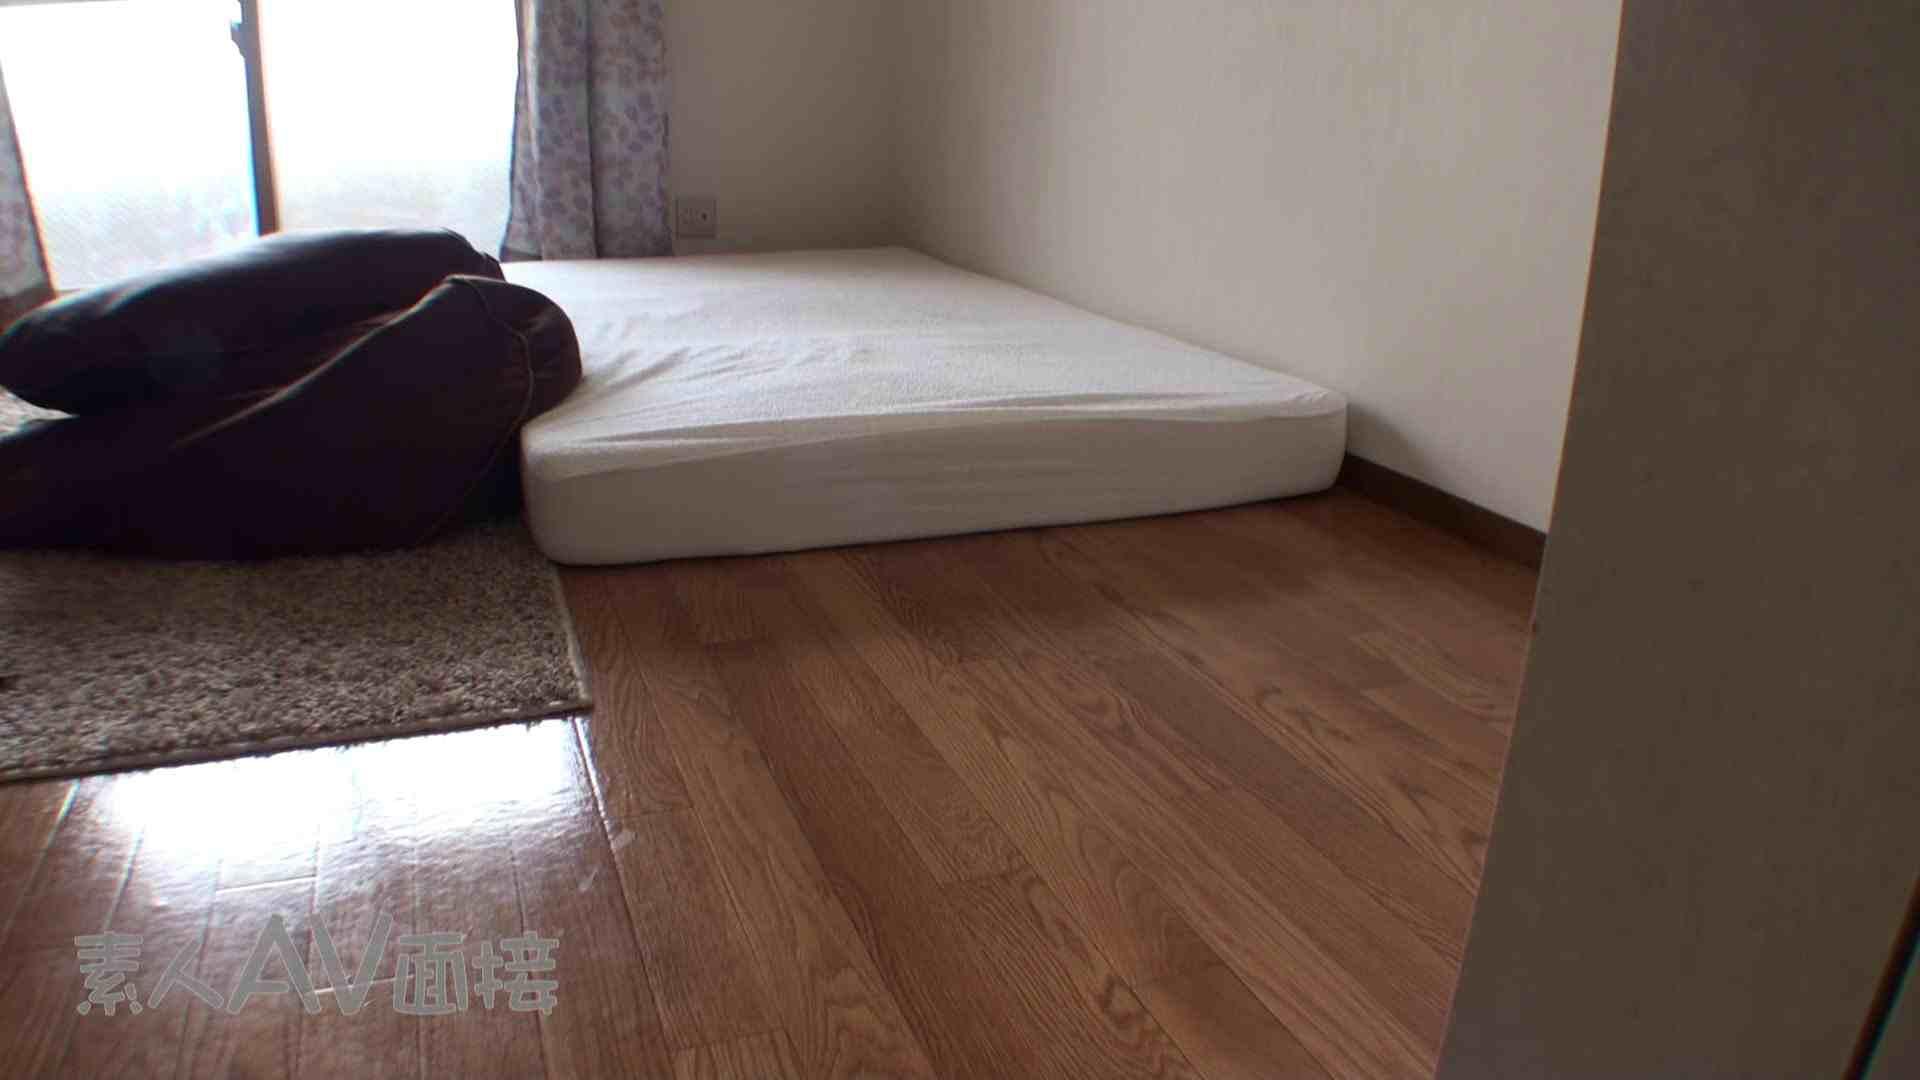 素人嬢がAV面接にやって来た。 仮名ななこvol.2 SEX AV無料動画キャプチャ 68pic 19